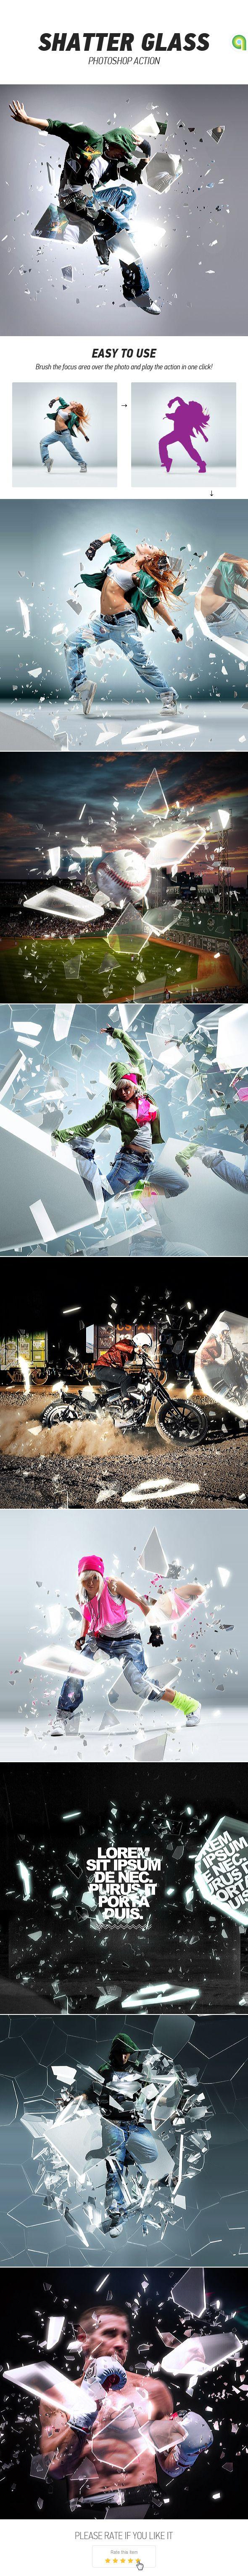 Shatter Acção vidro Photoshop - Efeitos fotográficos ações